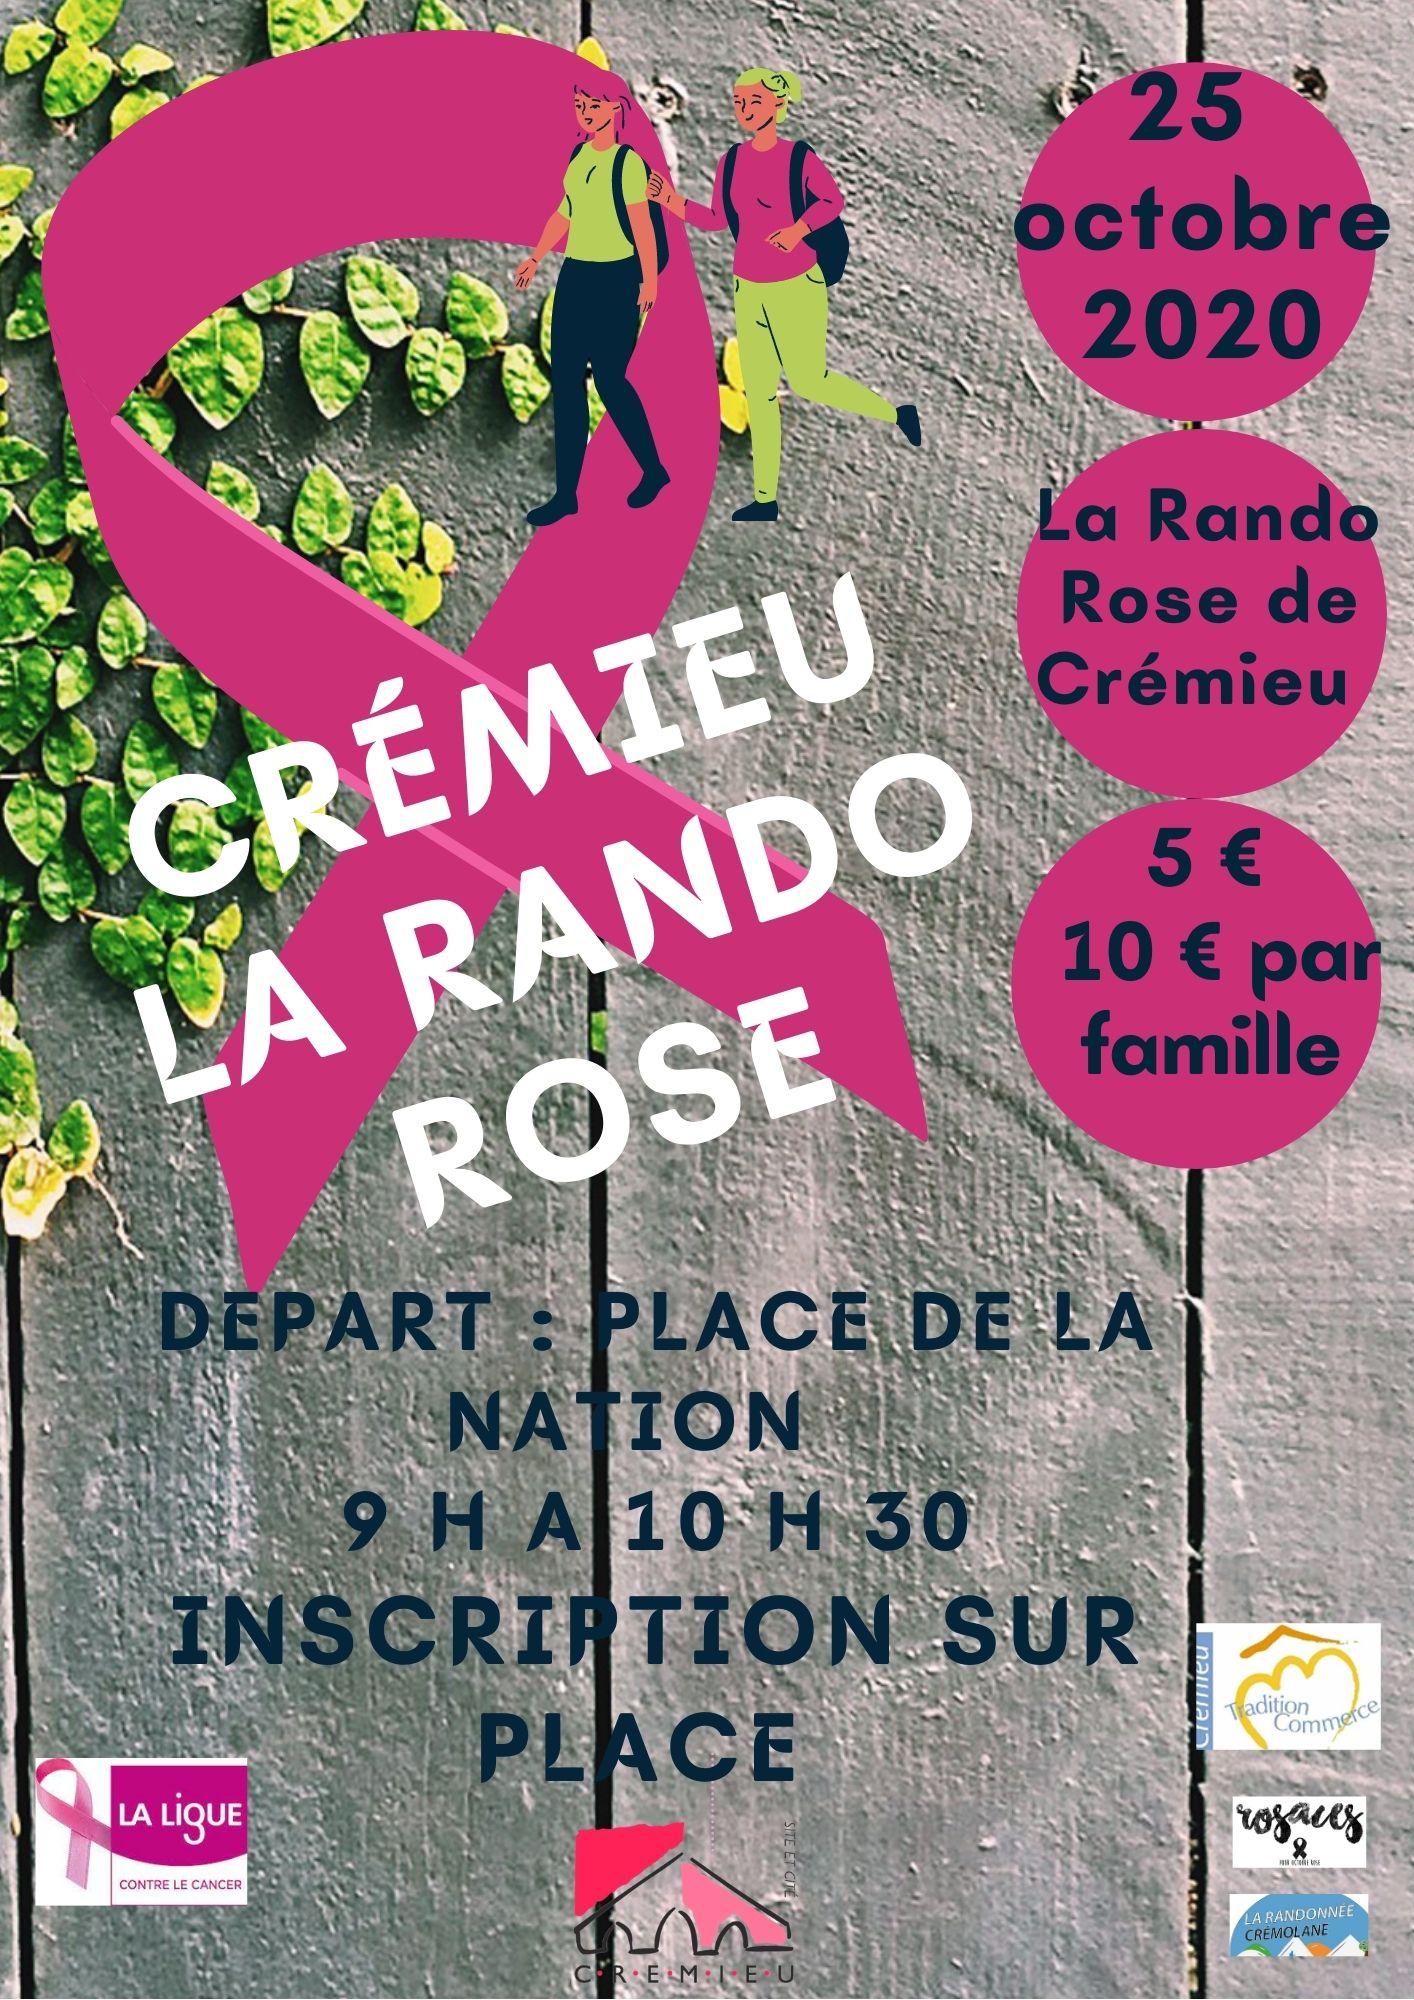 RANDO ROSE Crémieu 25 OCTOBRE 2020